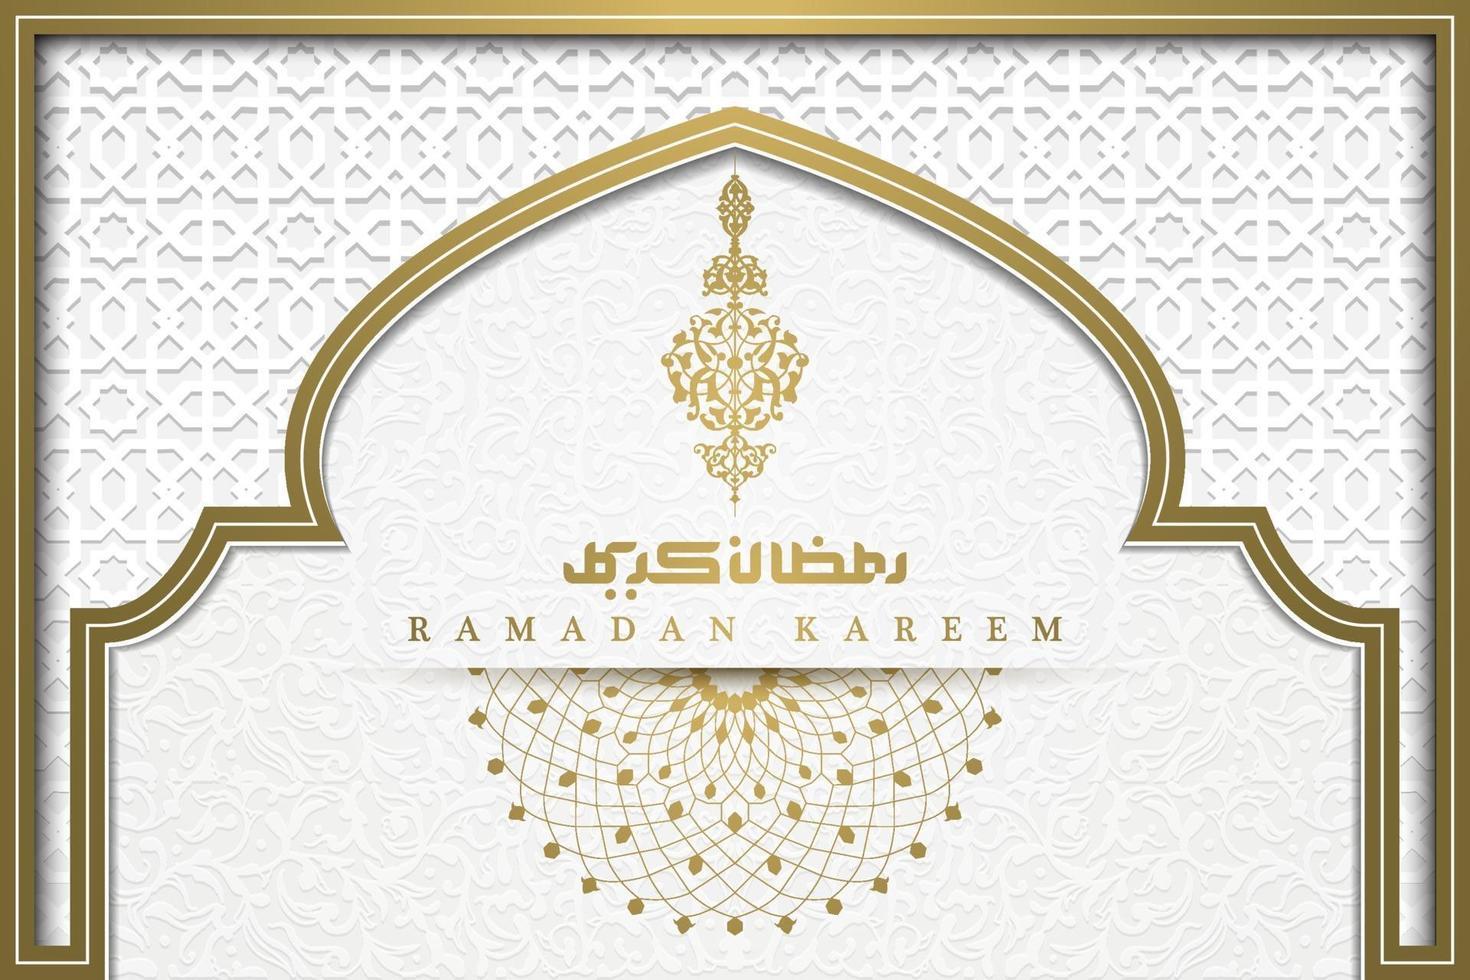 ramadan kareem hälsning bakgrund islamisk mönster vektor design med vacker halvmåne och arabisk kalligrafi